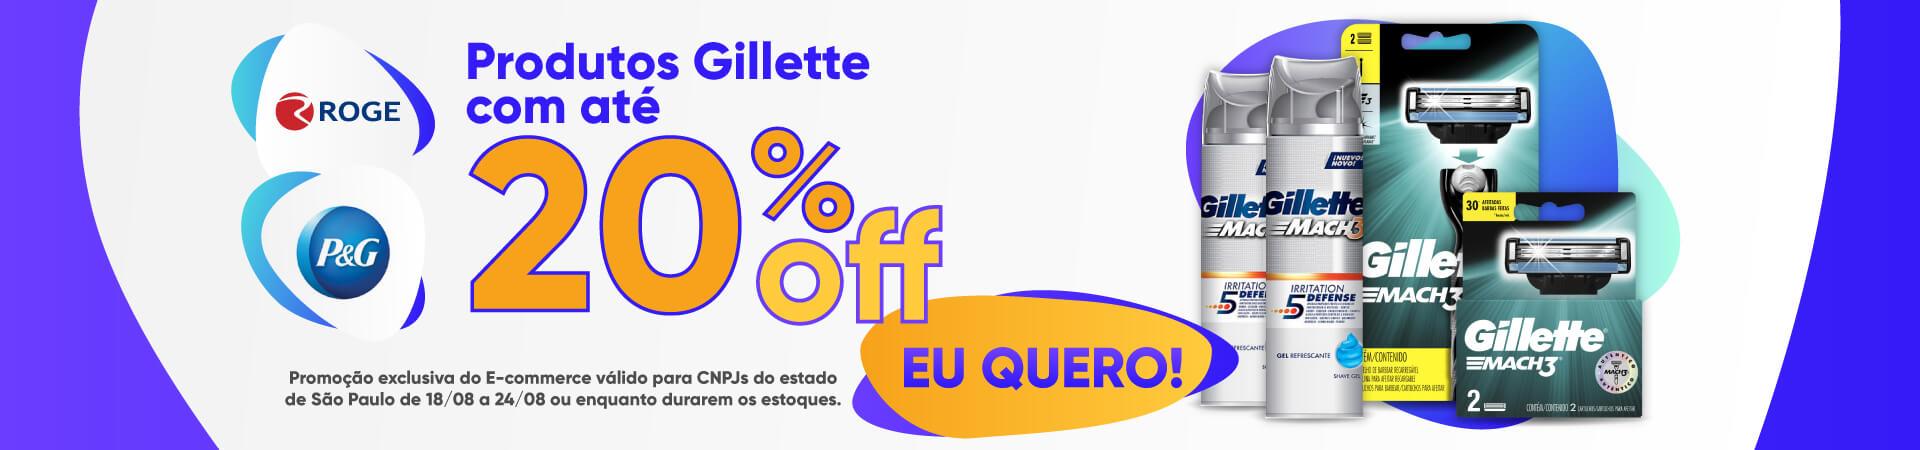 P&G - Produtos Gillette com até 20% OFF